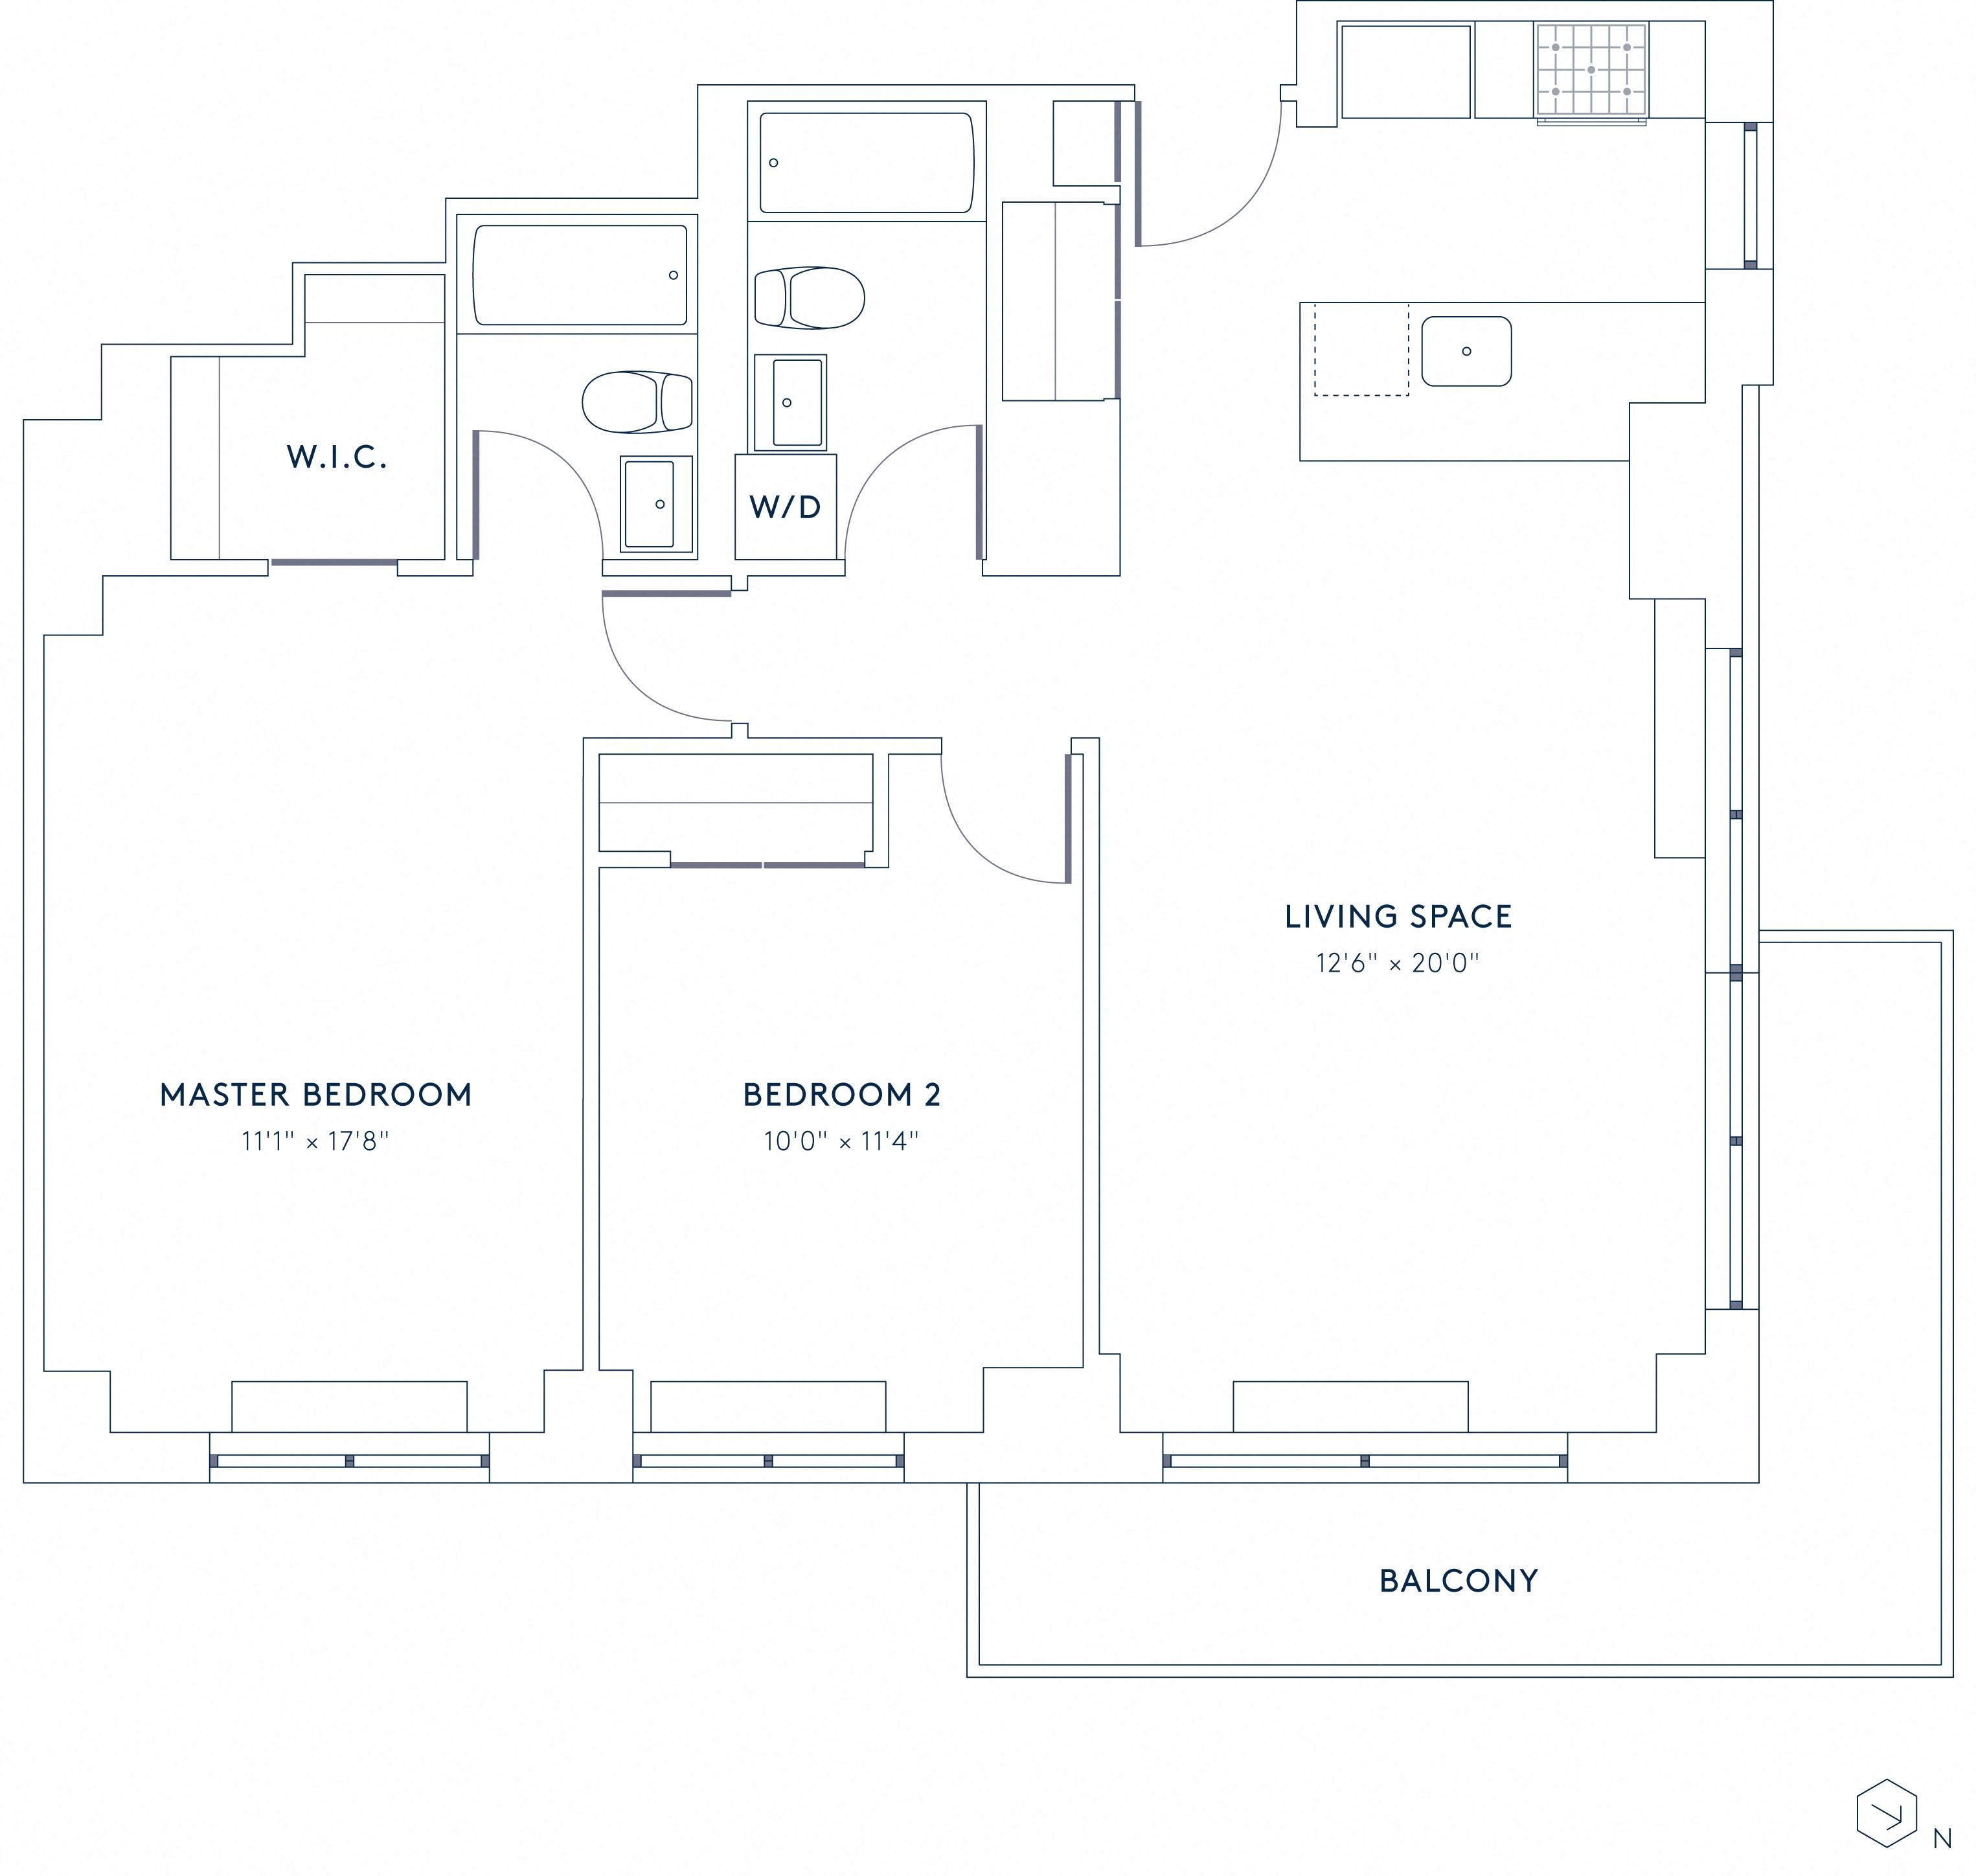 P0626485 b04 2 floorplan